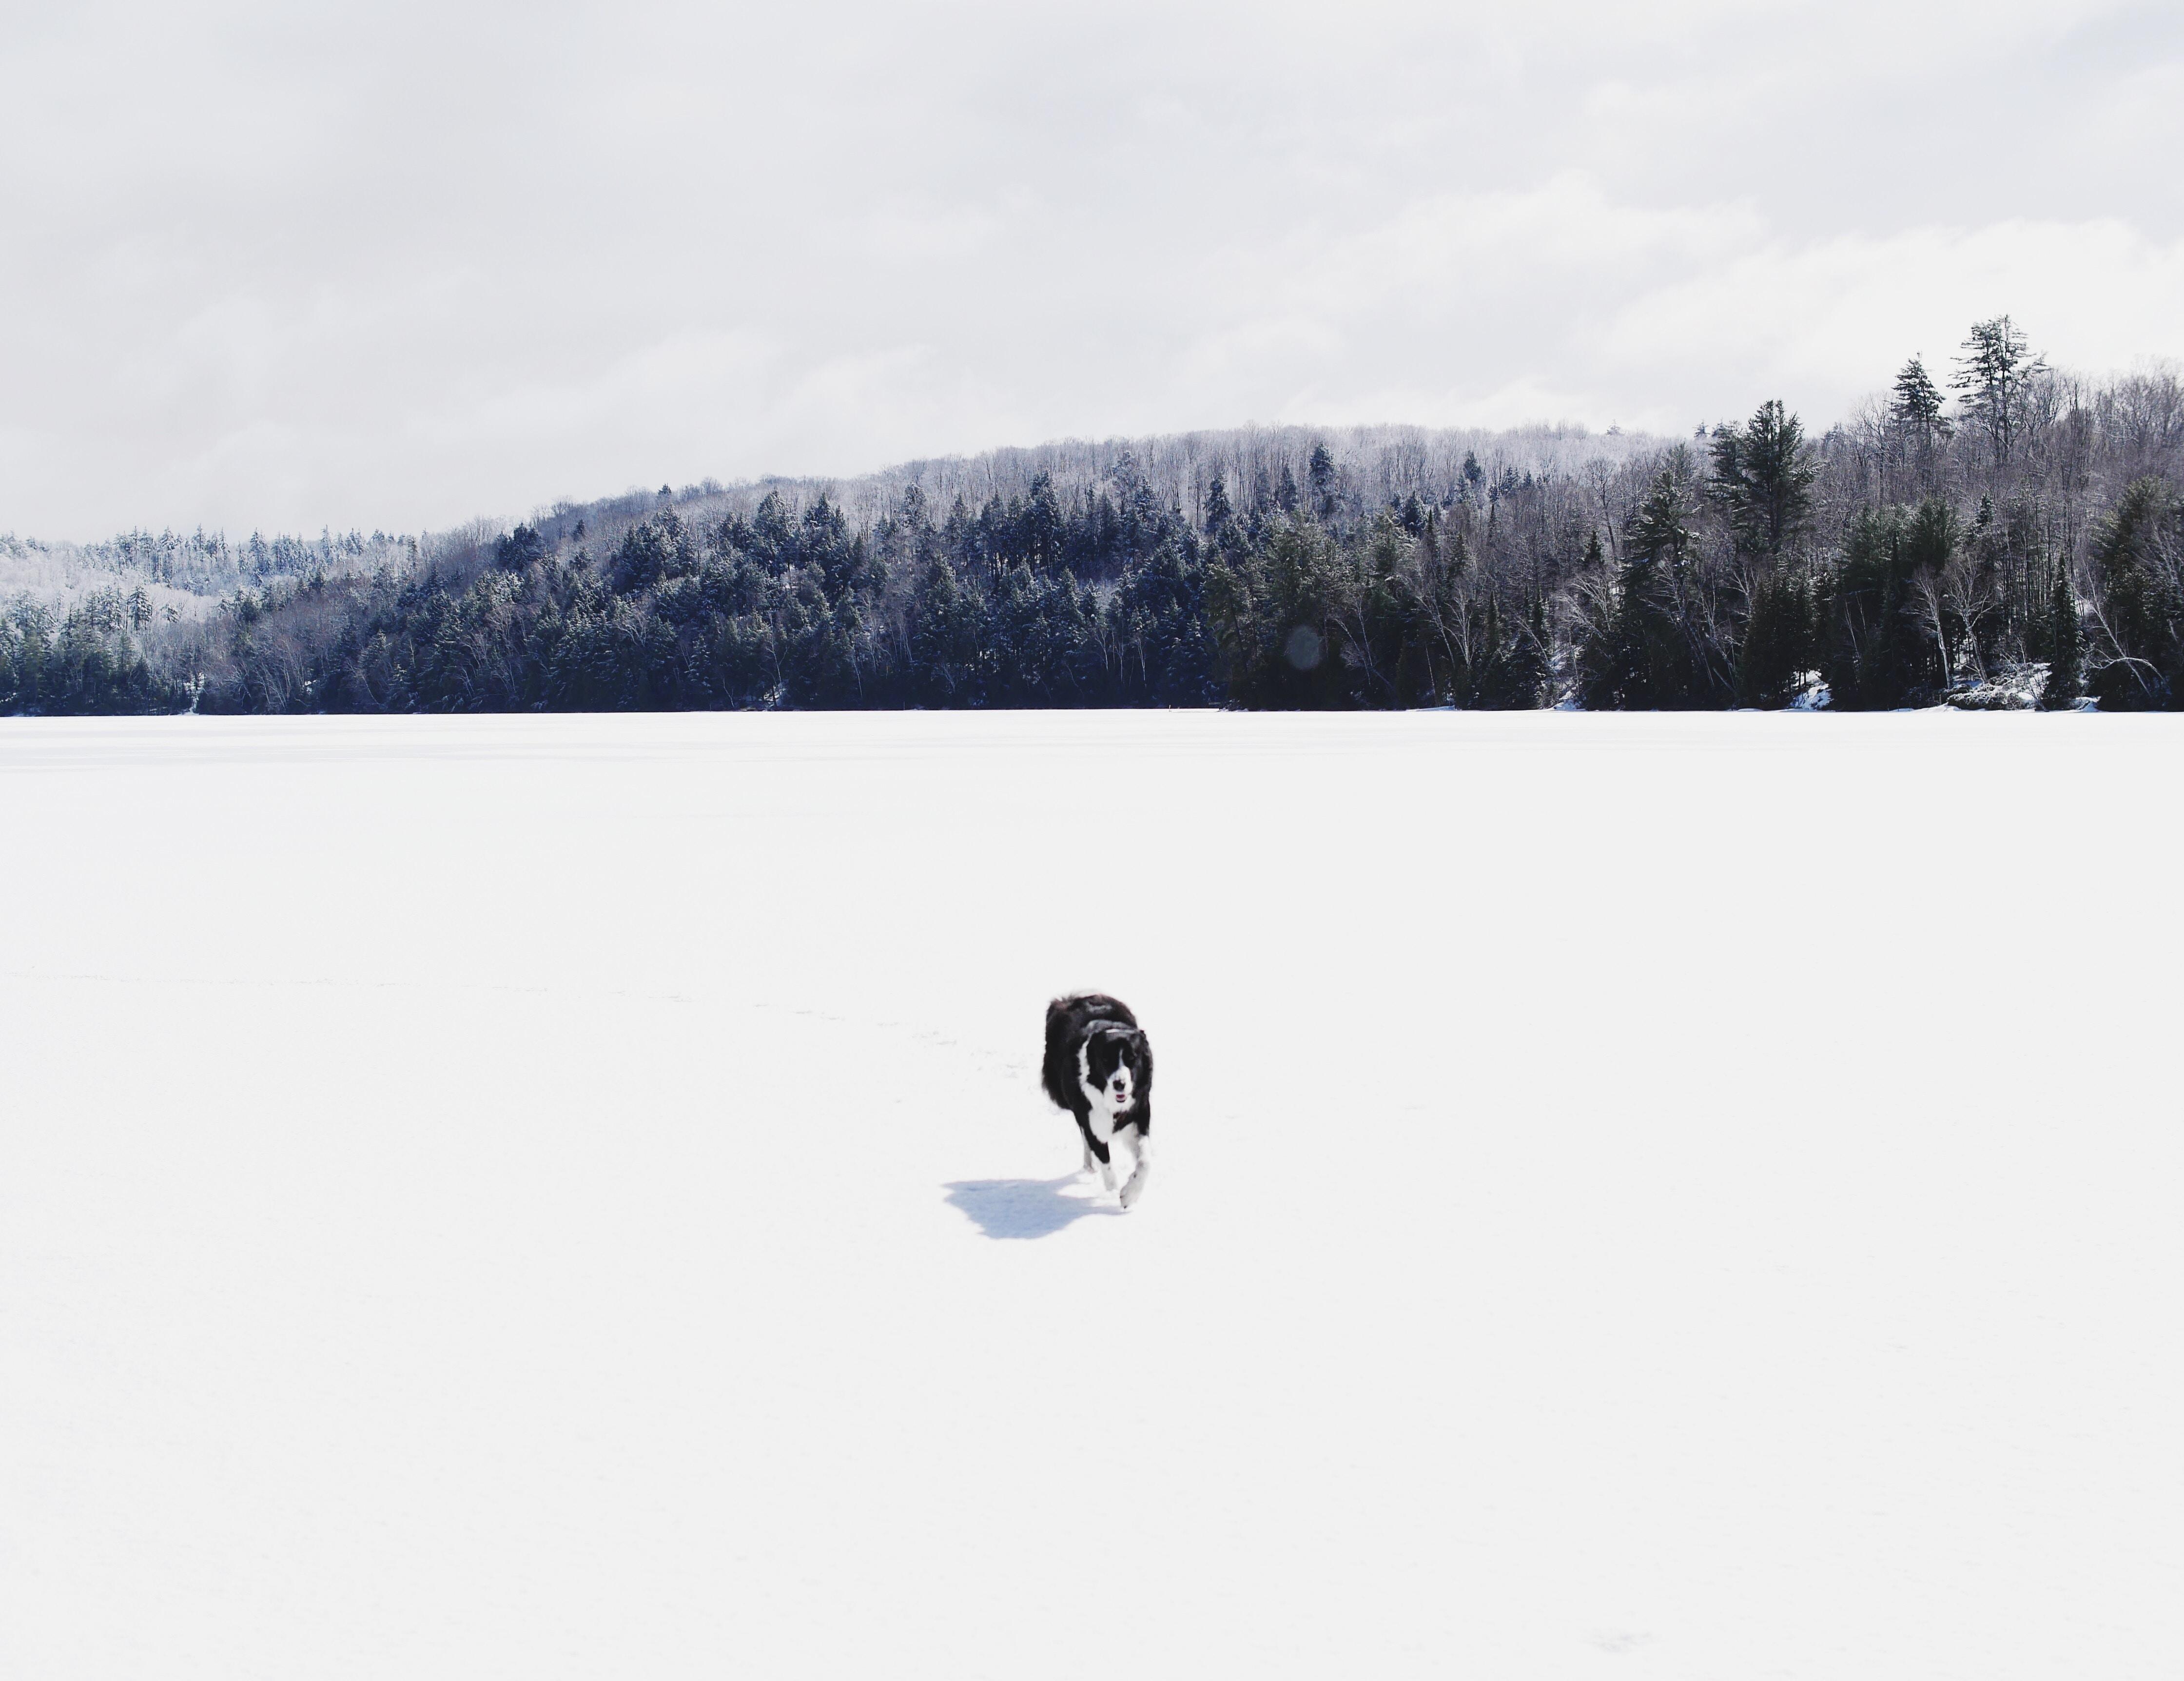 Dog on a snowy plain